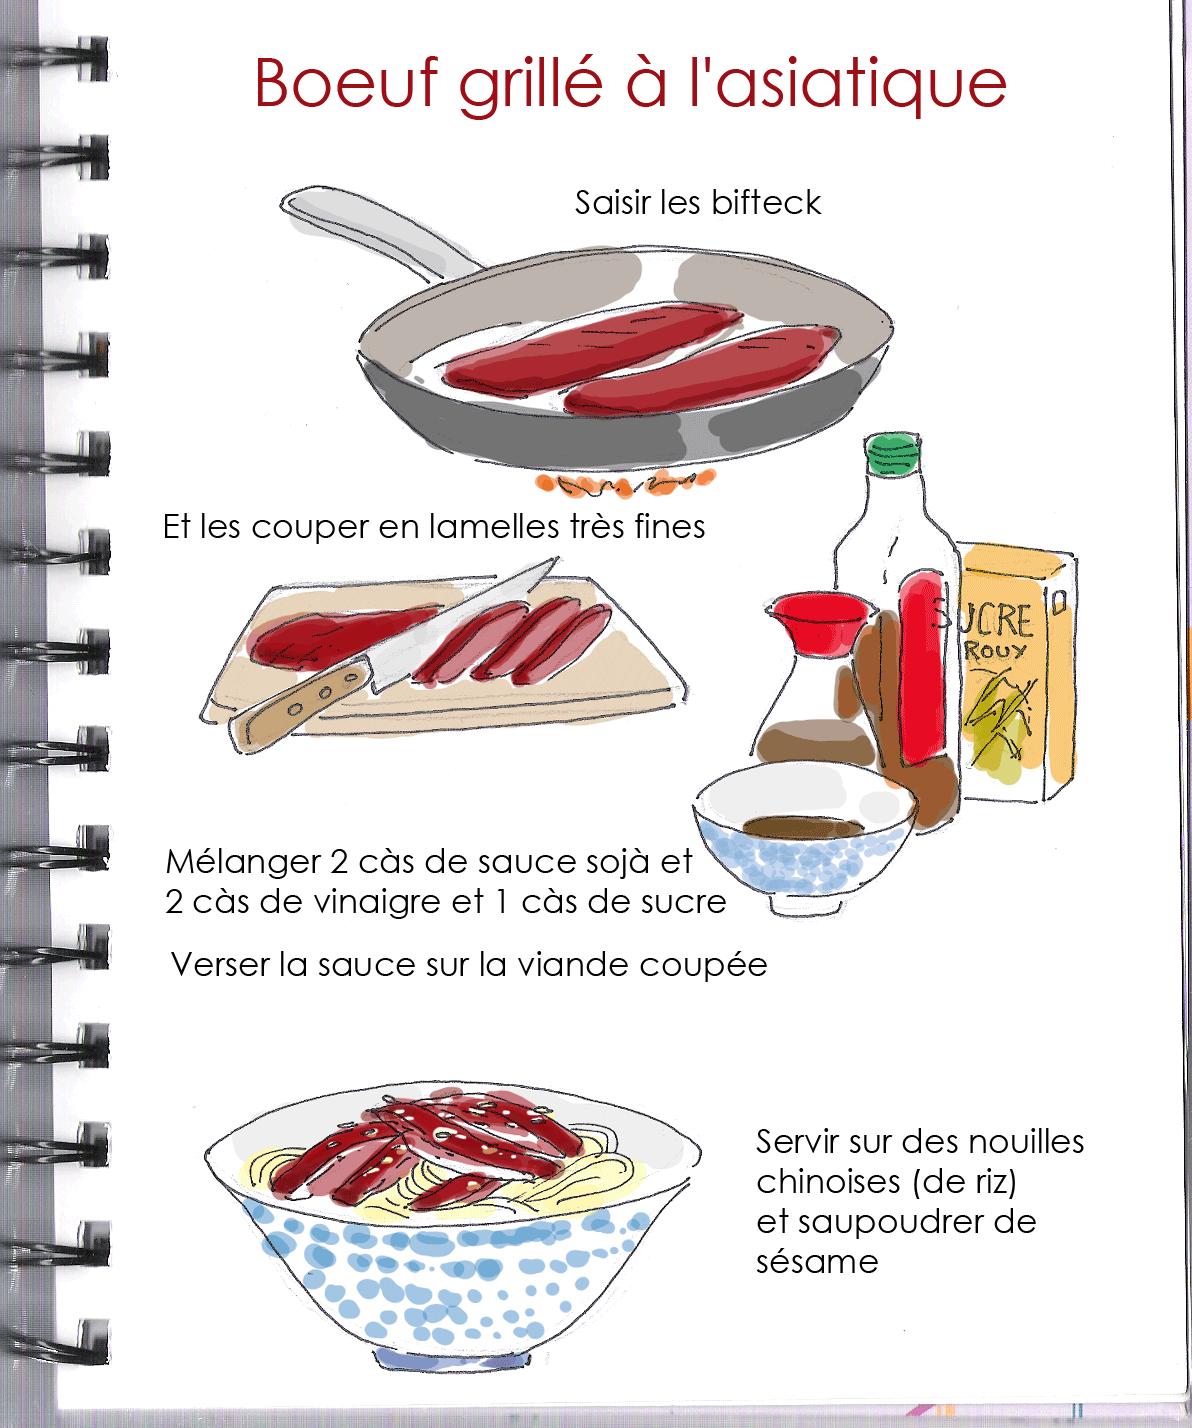 Design livre de cuisine asiatique 23 montreuil - Livre cuisine asiatique ...